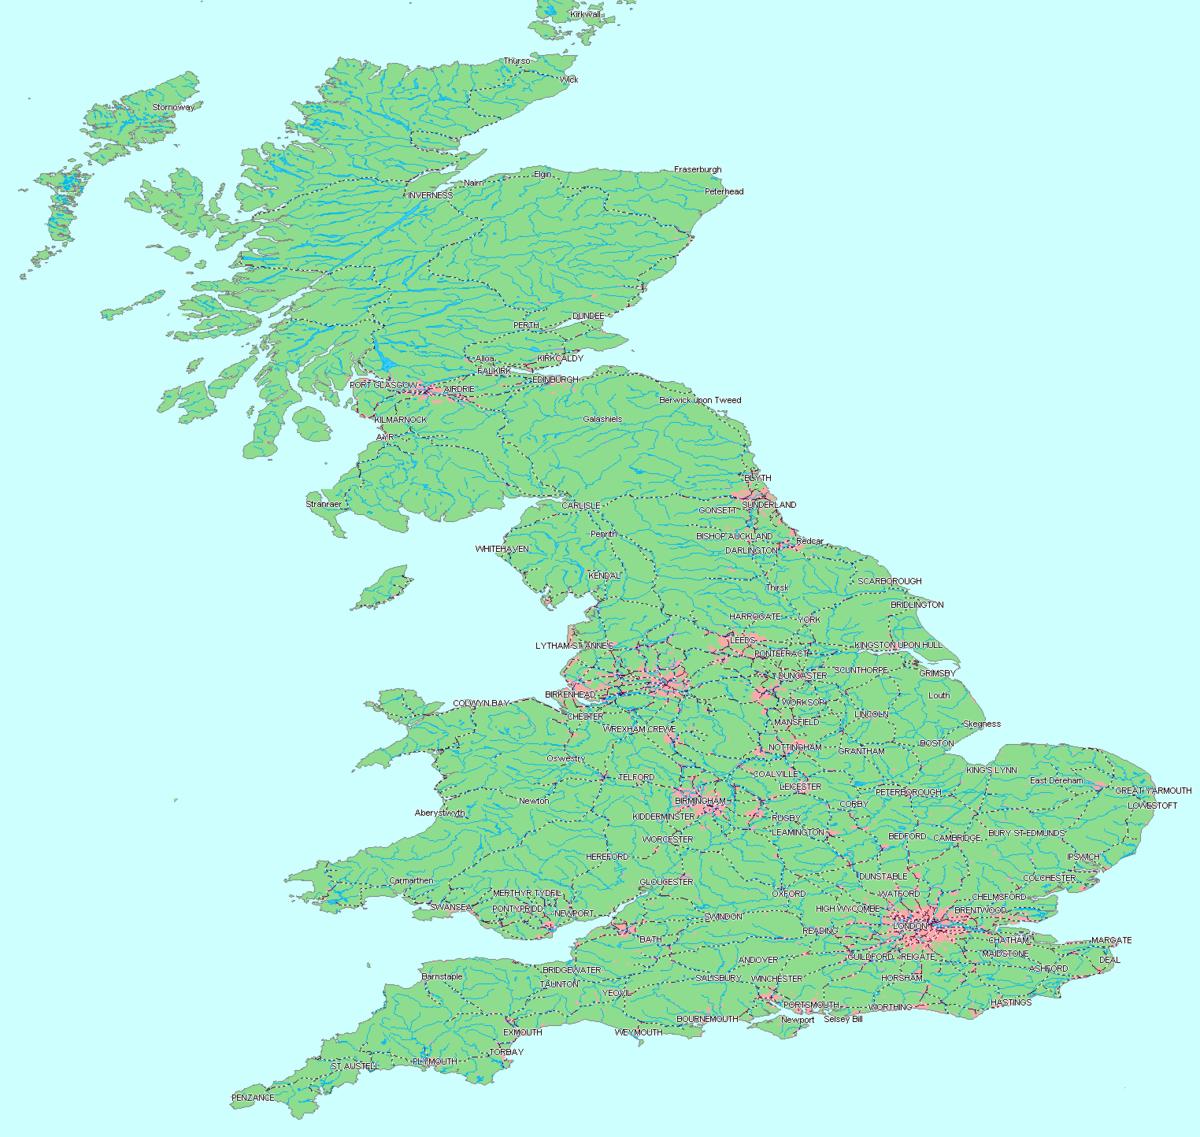 8c367edde9fb Железнодорожный транспорт Великобритании — Википедия